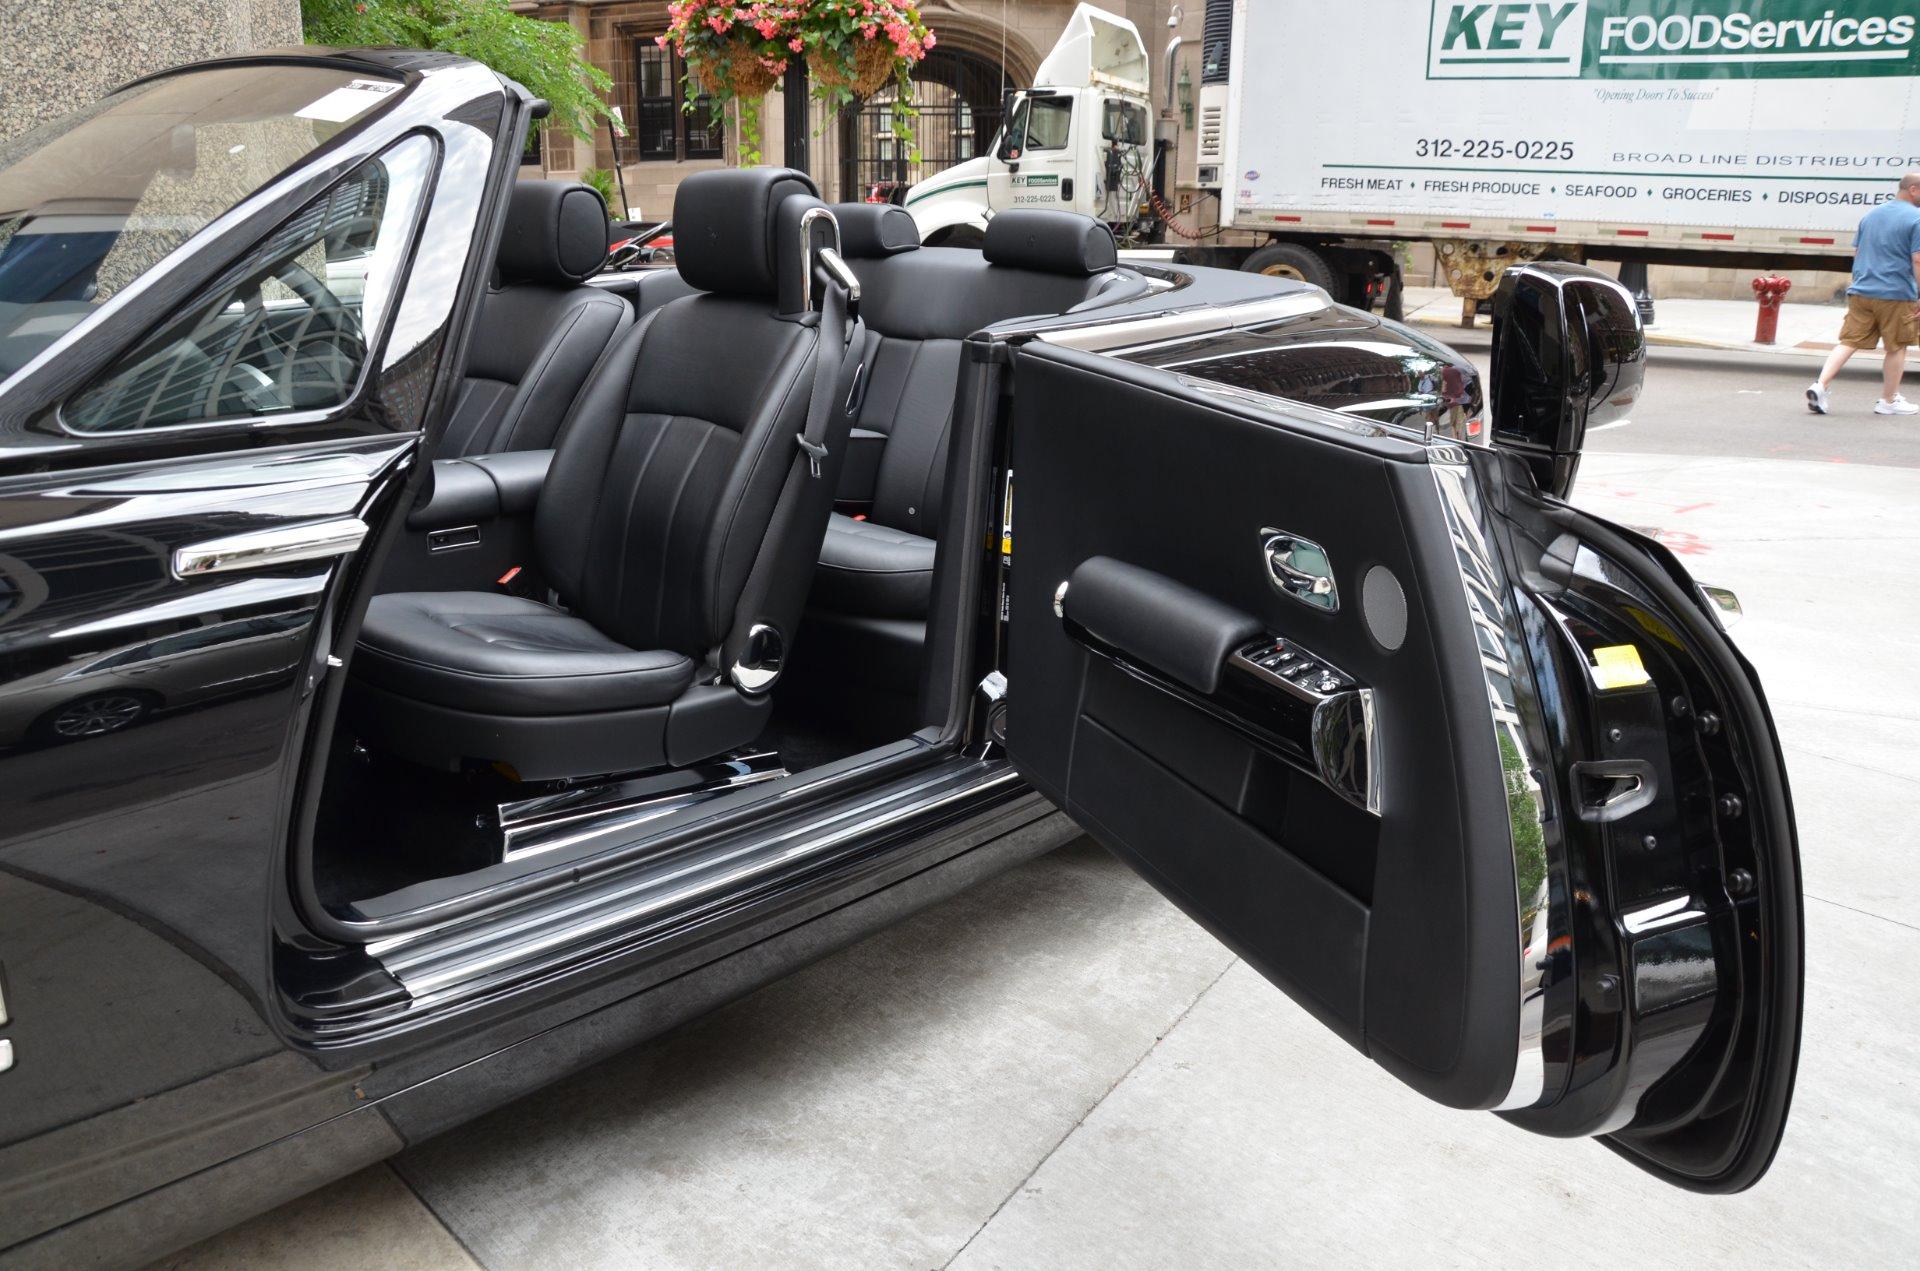 2015 rolls royce phantom drophead coupe stock gc1960 for - Rolls royce phantom drophead coupe for sale ...